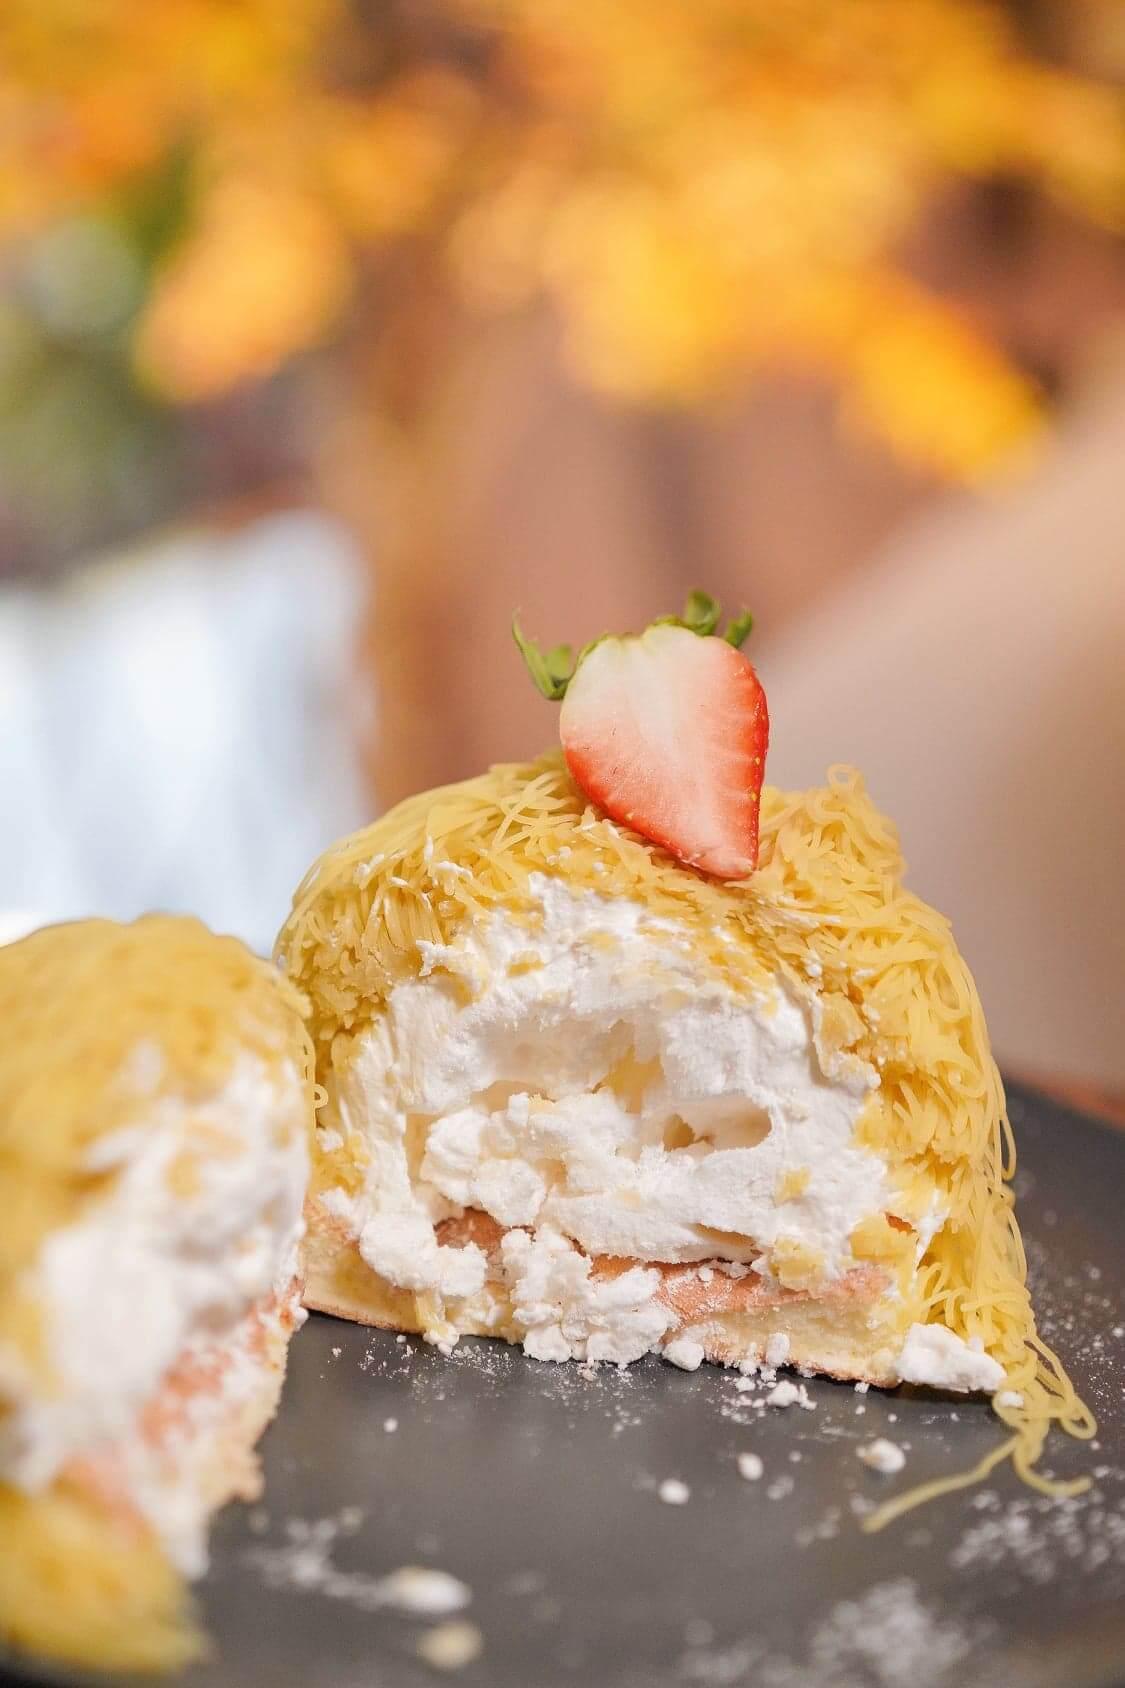 於班戟底放上香脆蛋白餅, 再加上日本忌廉,最後鋪上滿滿嘅甜薯蓉,整個班戟口感層次和味道都好豐富。